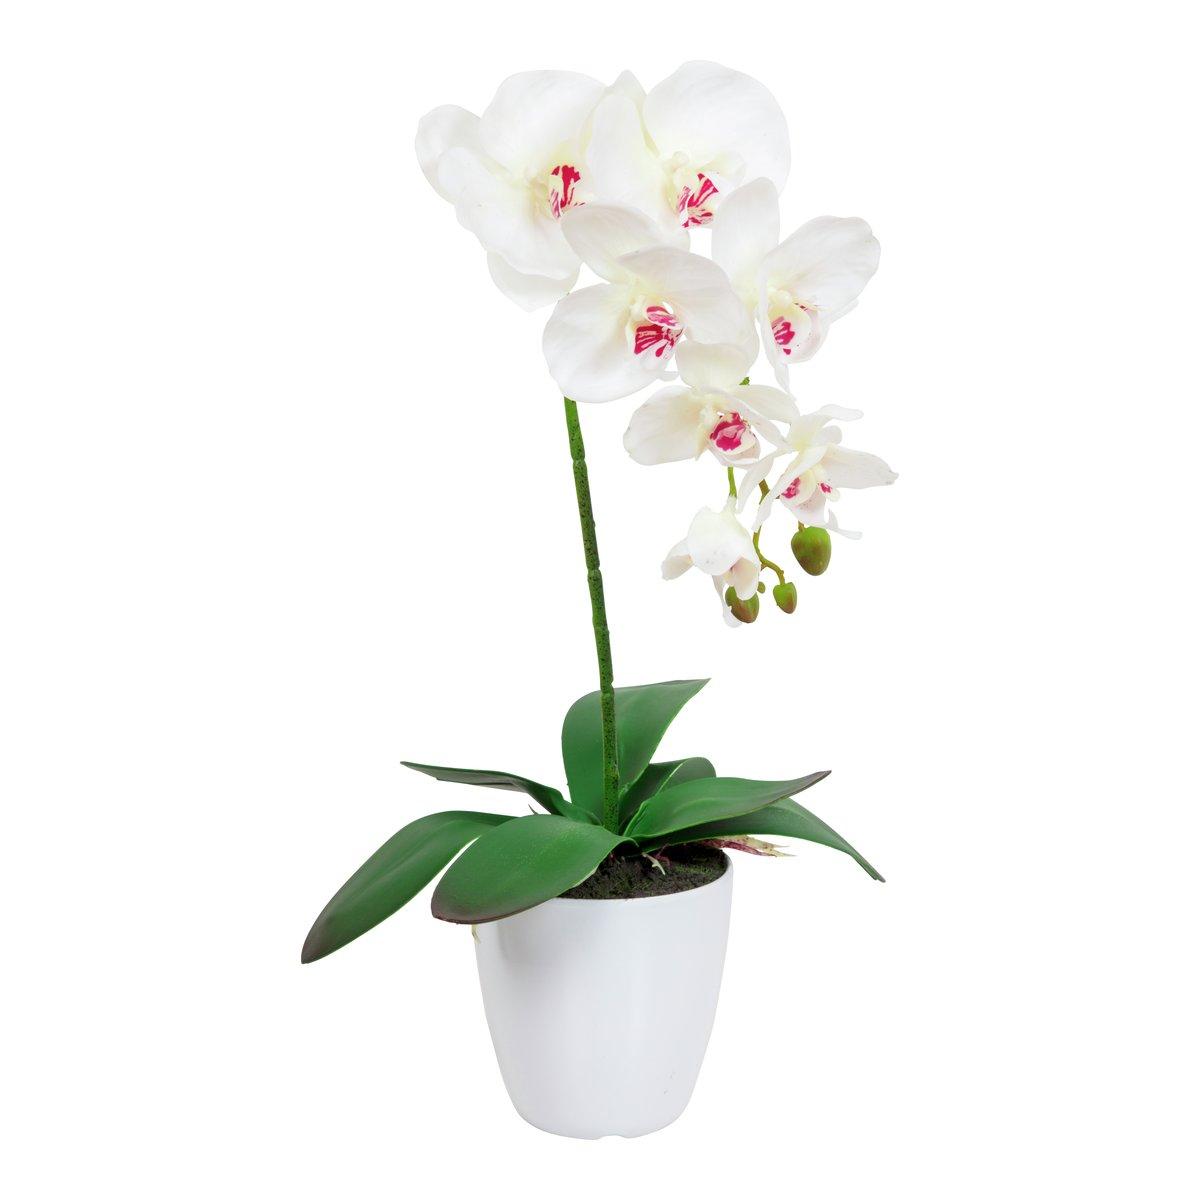 Orkide i potte-BLO1992